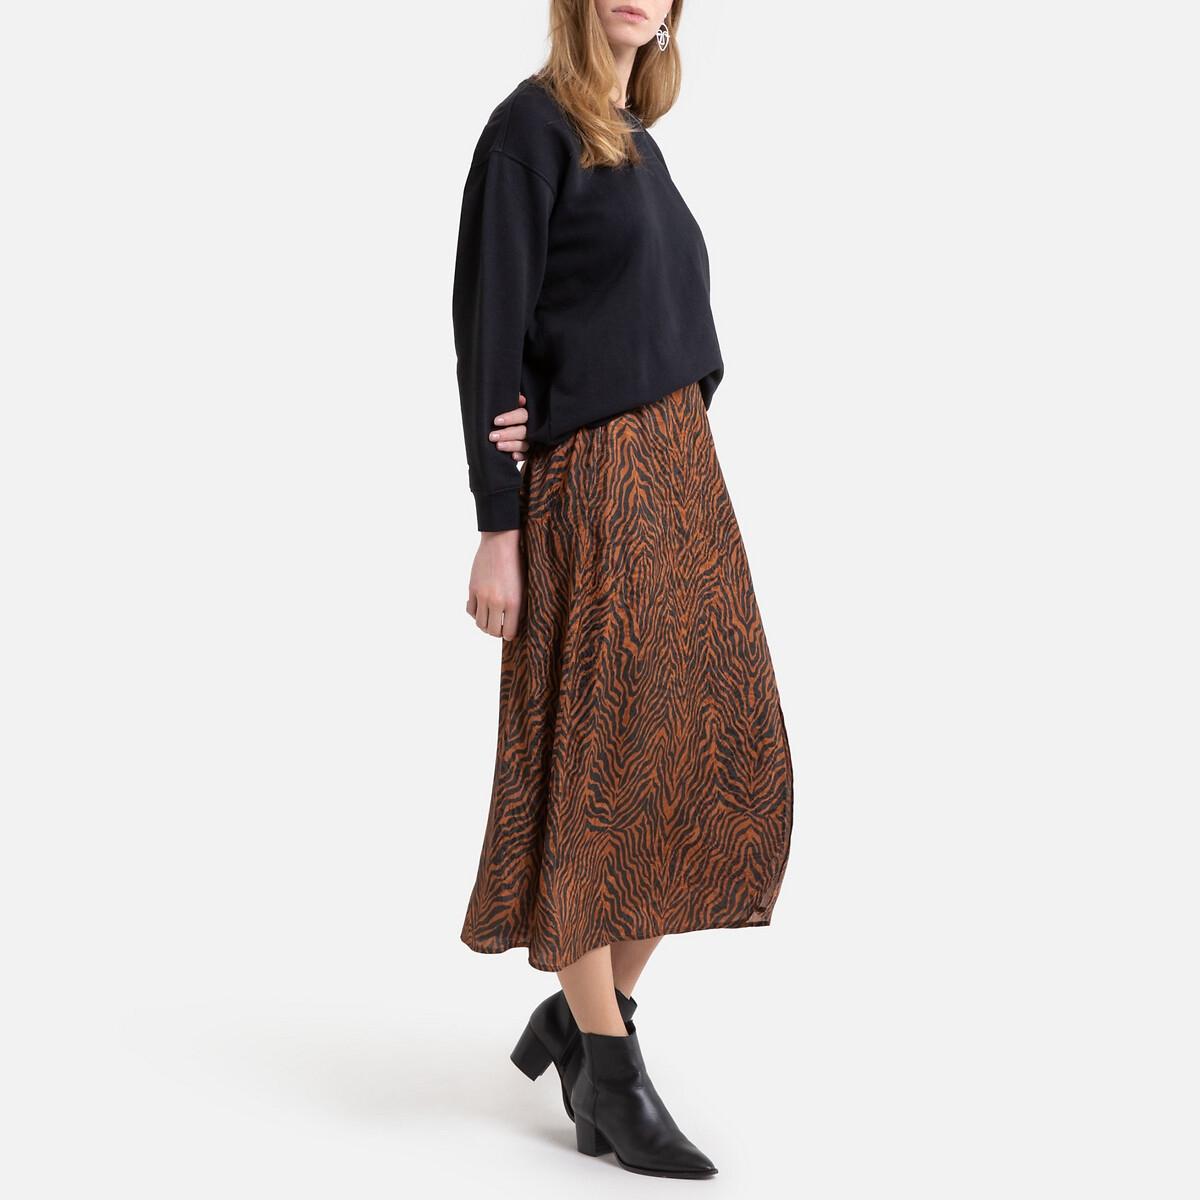 Falda larga vaporosa con estampado animal